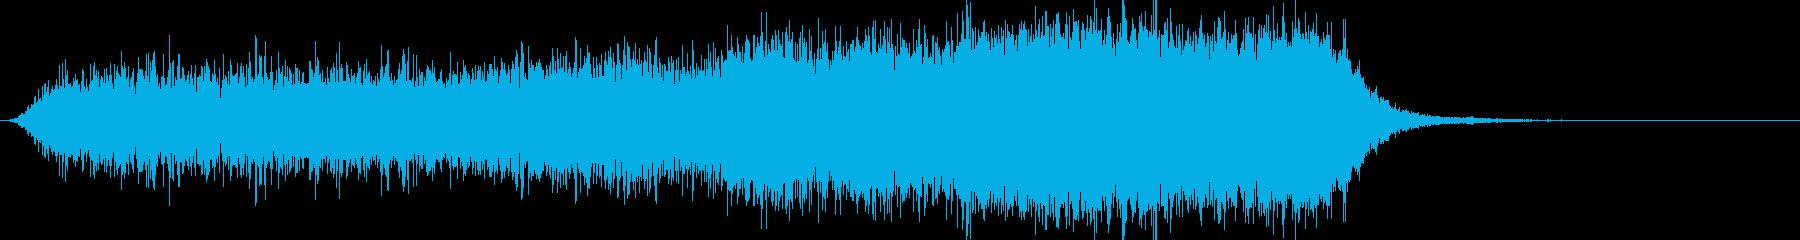 恐怖の電子音の再生済みの波形